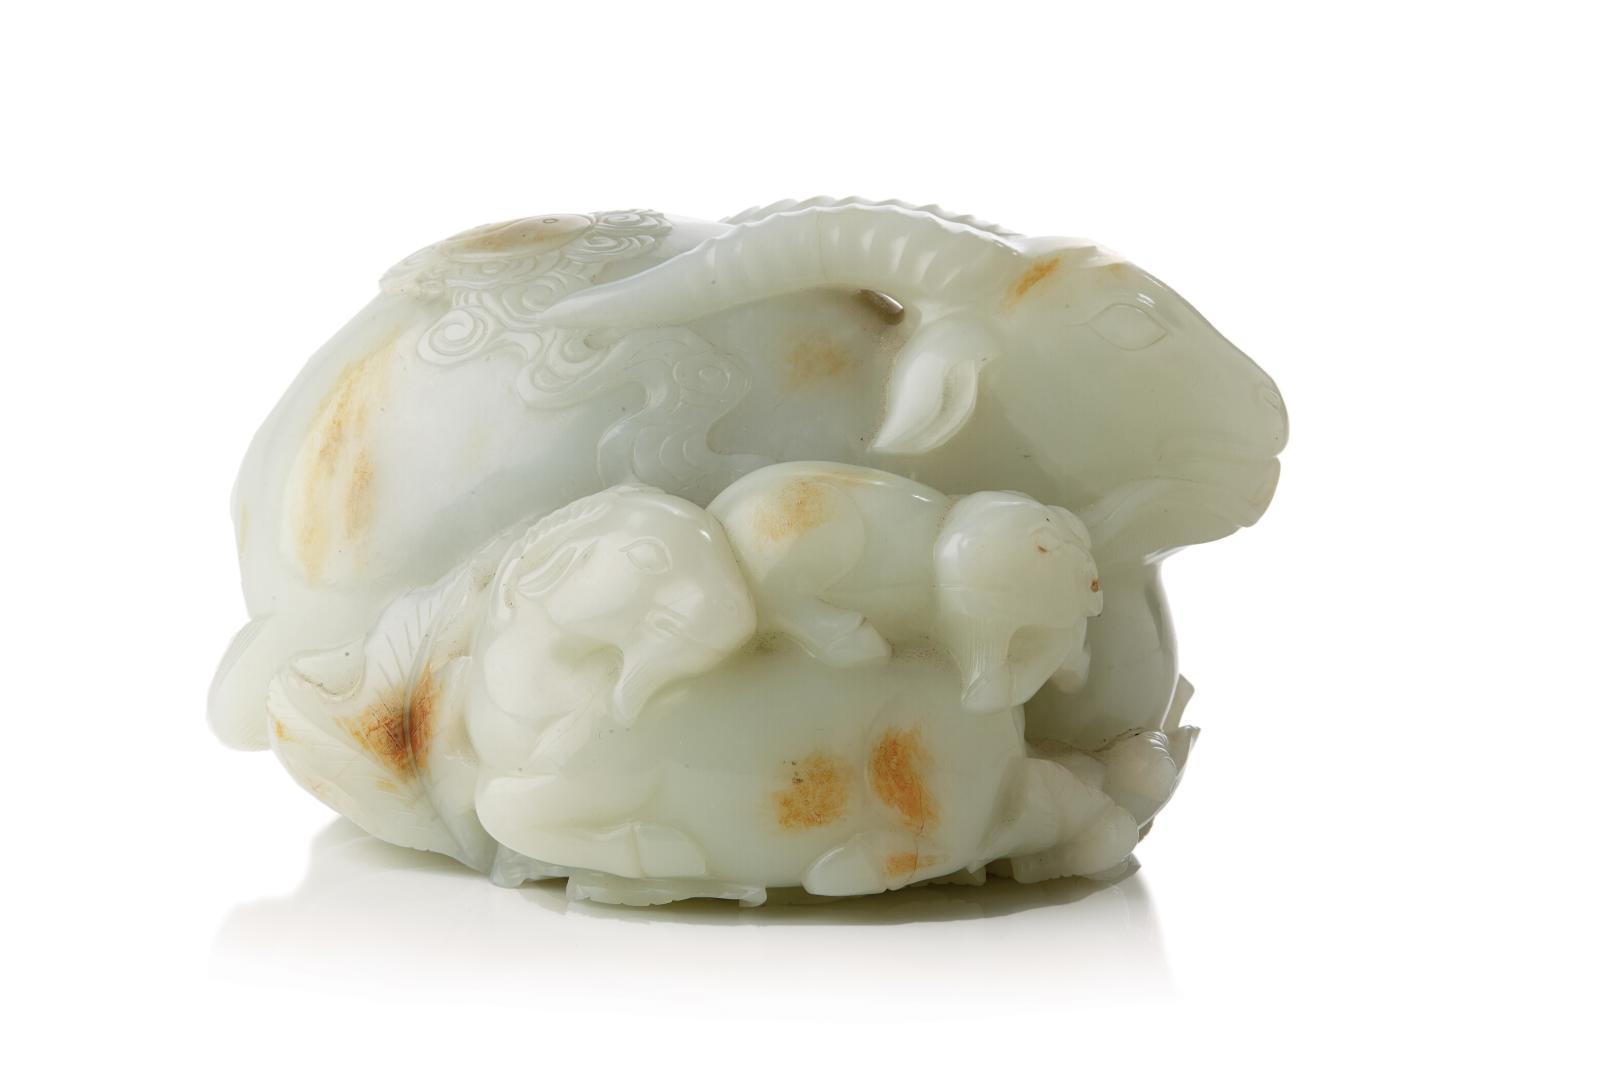 Chine, XVIIIe-XIXesiècle. Groupe en jade clair sculpté avec traces de rouille représentant un grand bélier couché, sur son dos une frise de nuages, 1